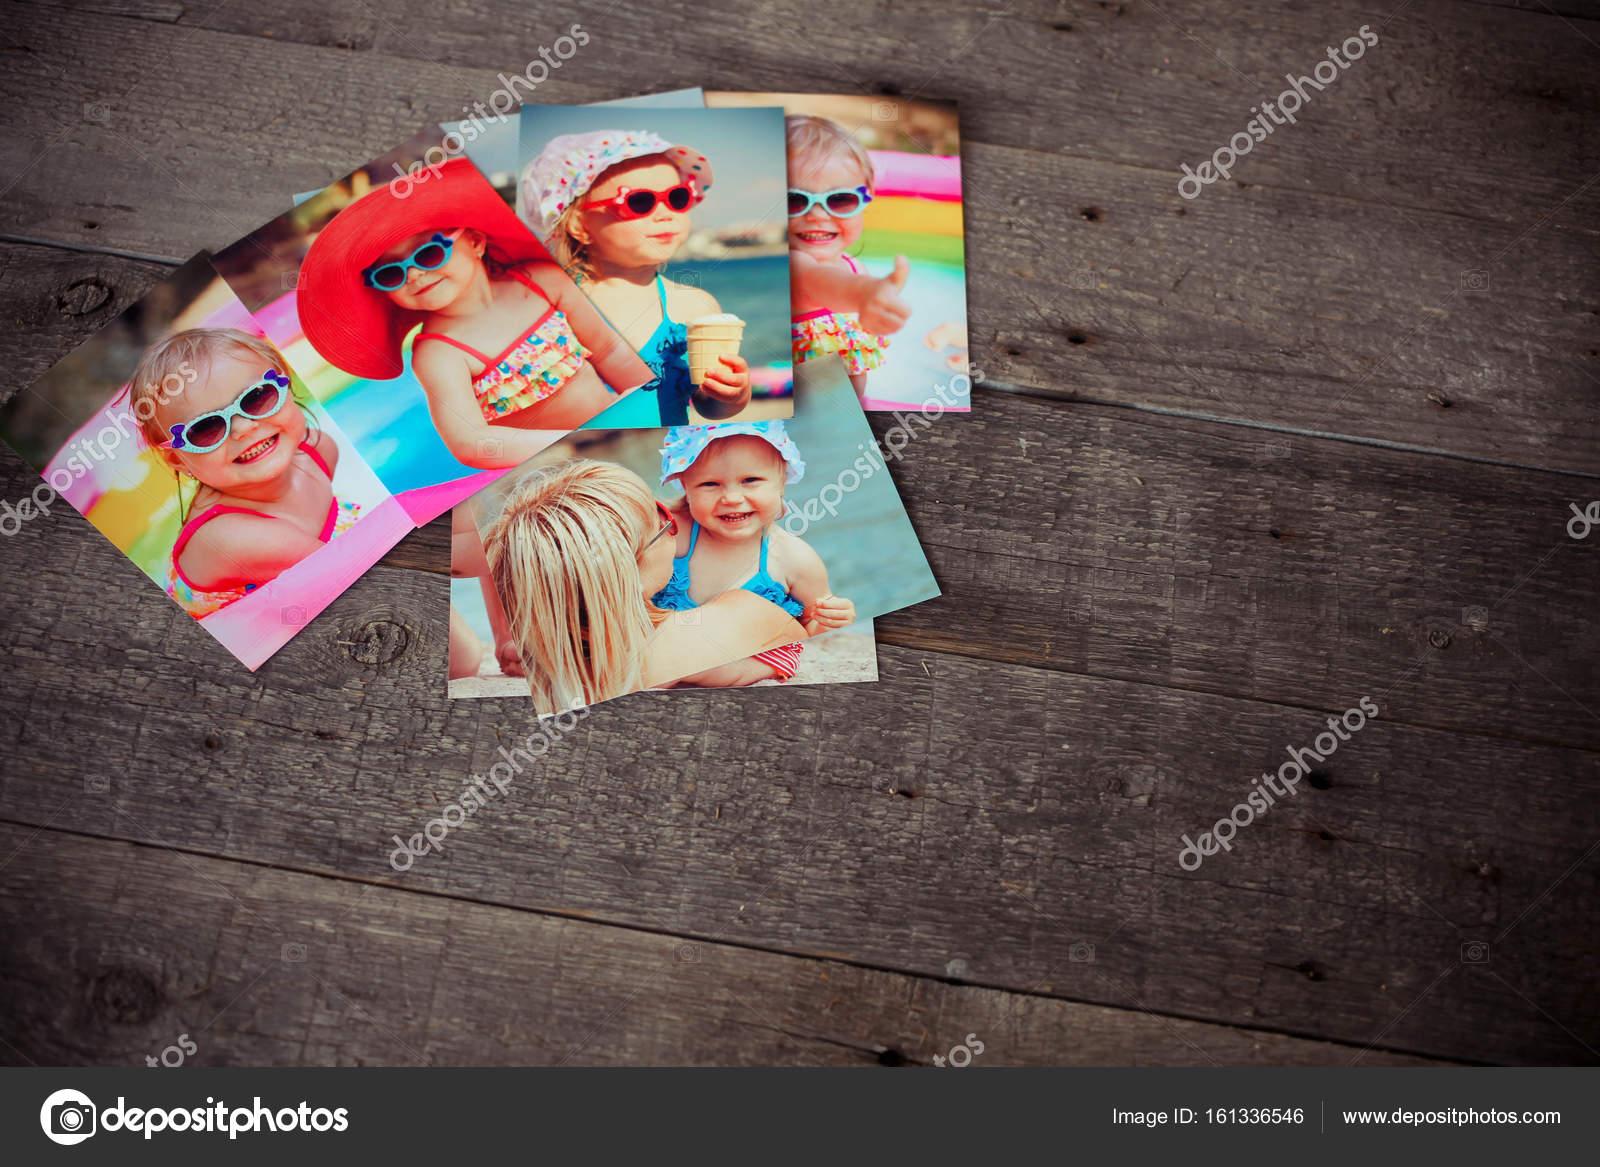 fbae492a332 Foto album vzpomínky a nostalgie v letní cesta výlet na dřevo stůl —  Fotografie od ...